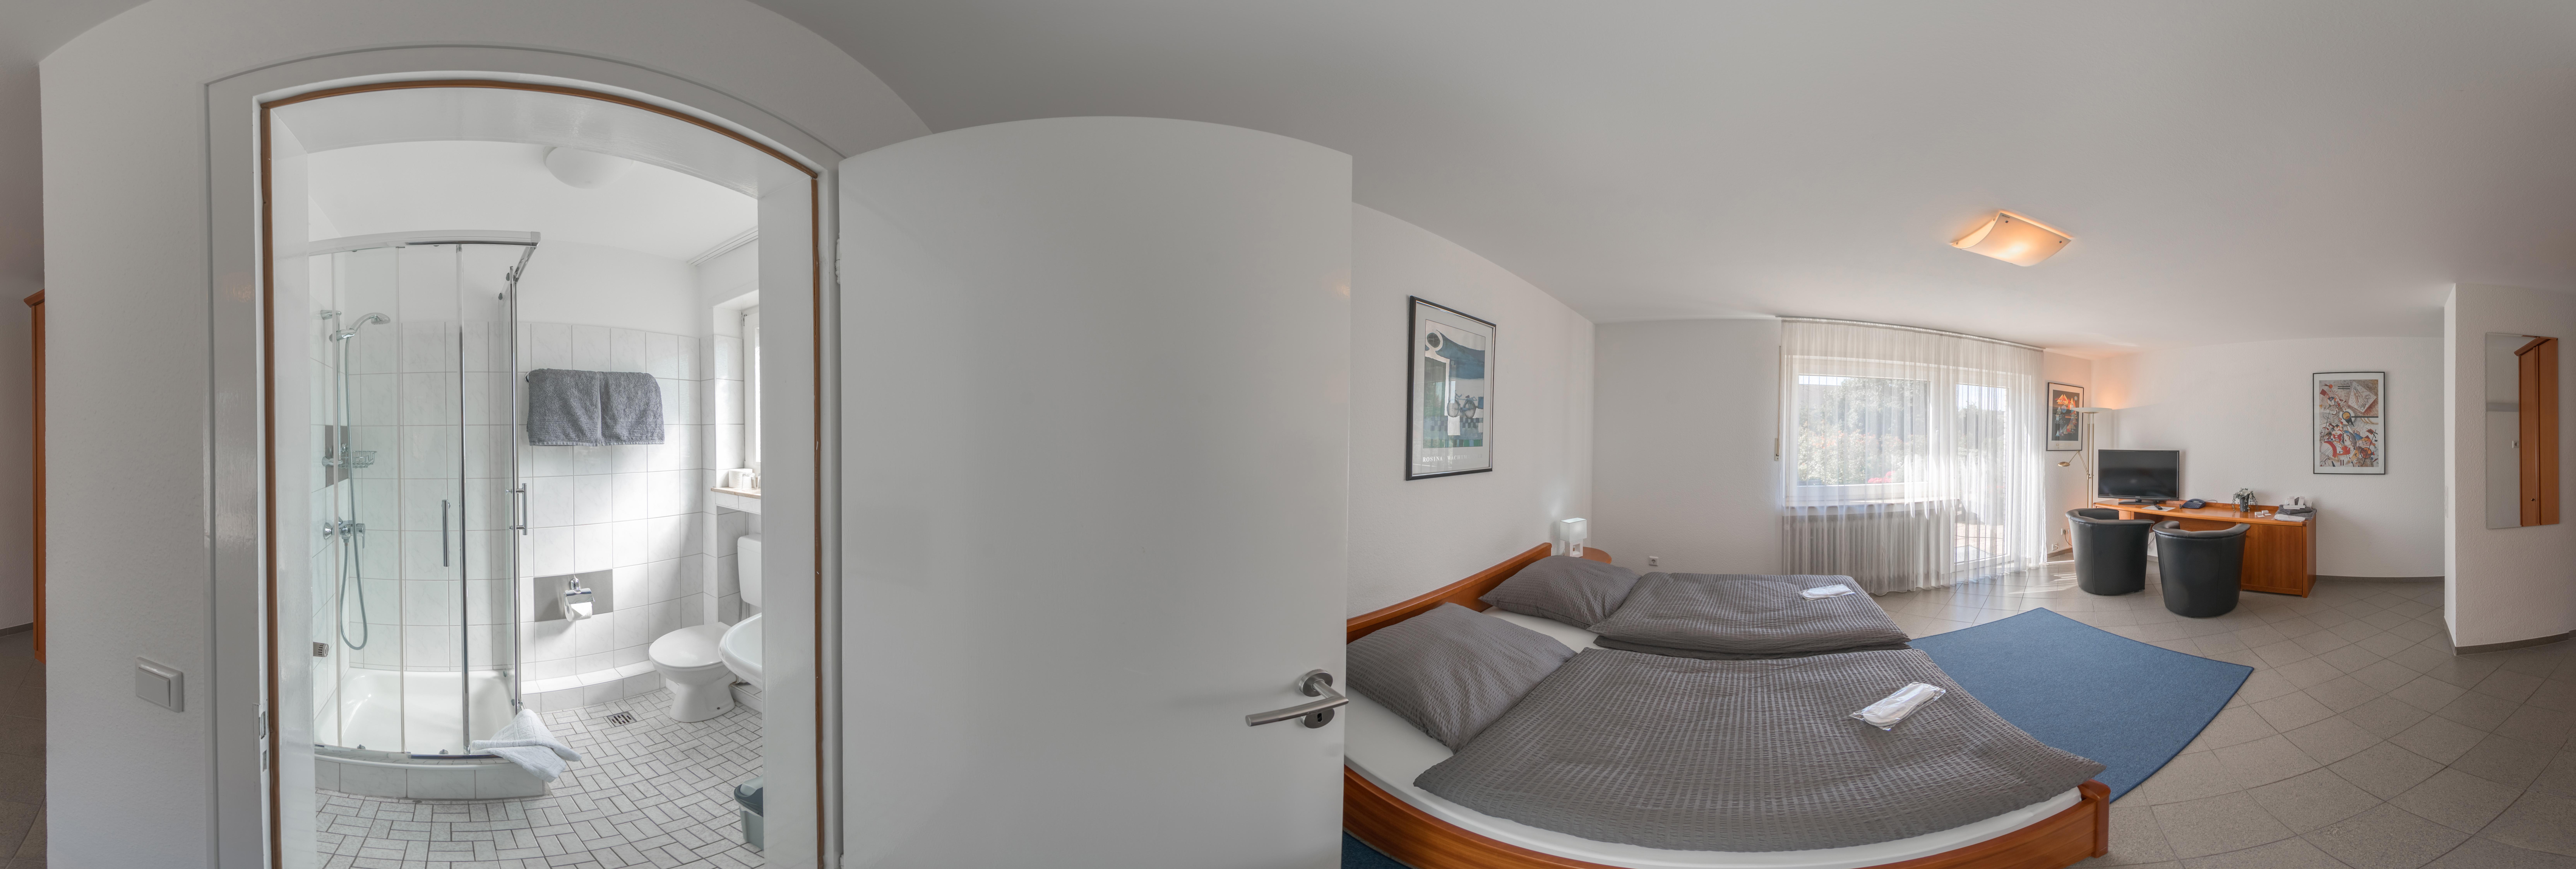 Zimmer   Hotel Kaarst – bequem ankommen mit Auto, Bus und Bahn